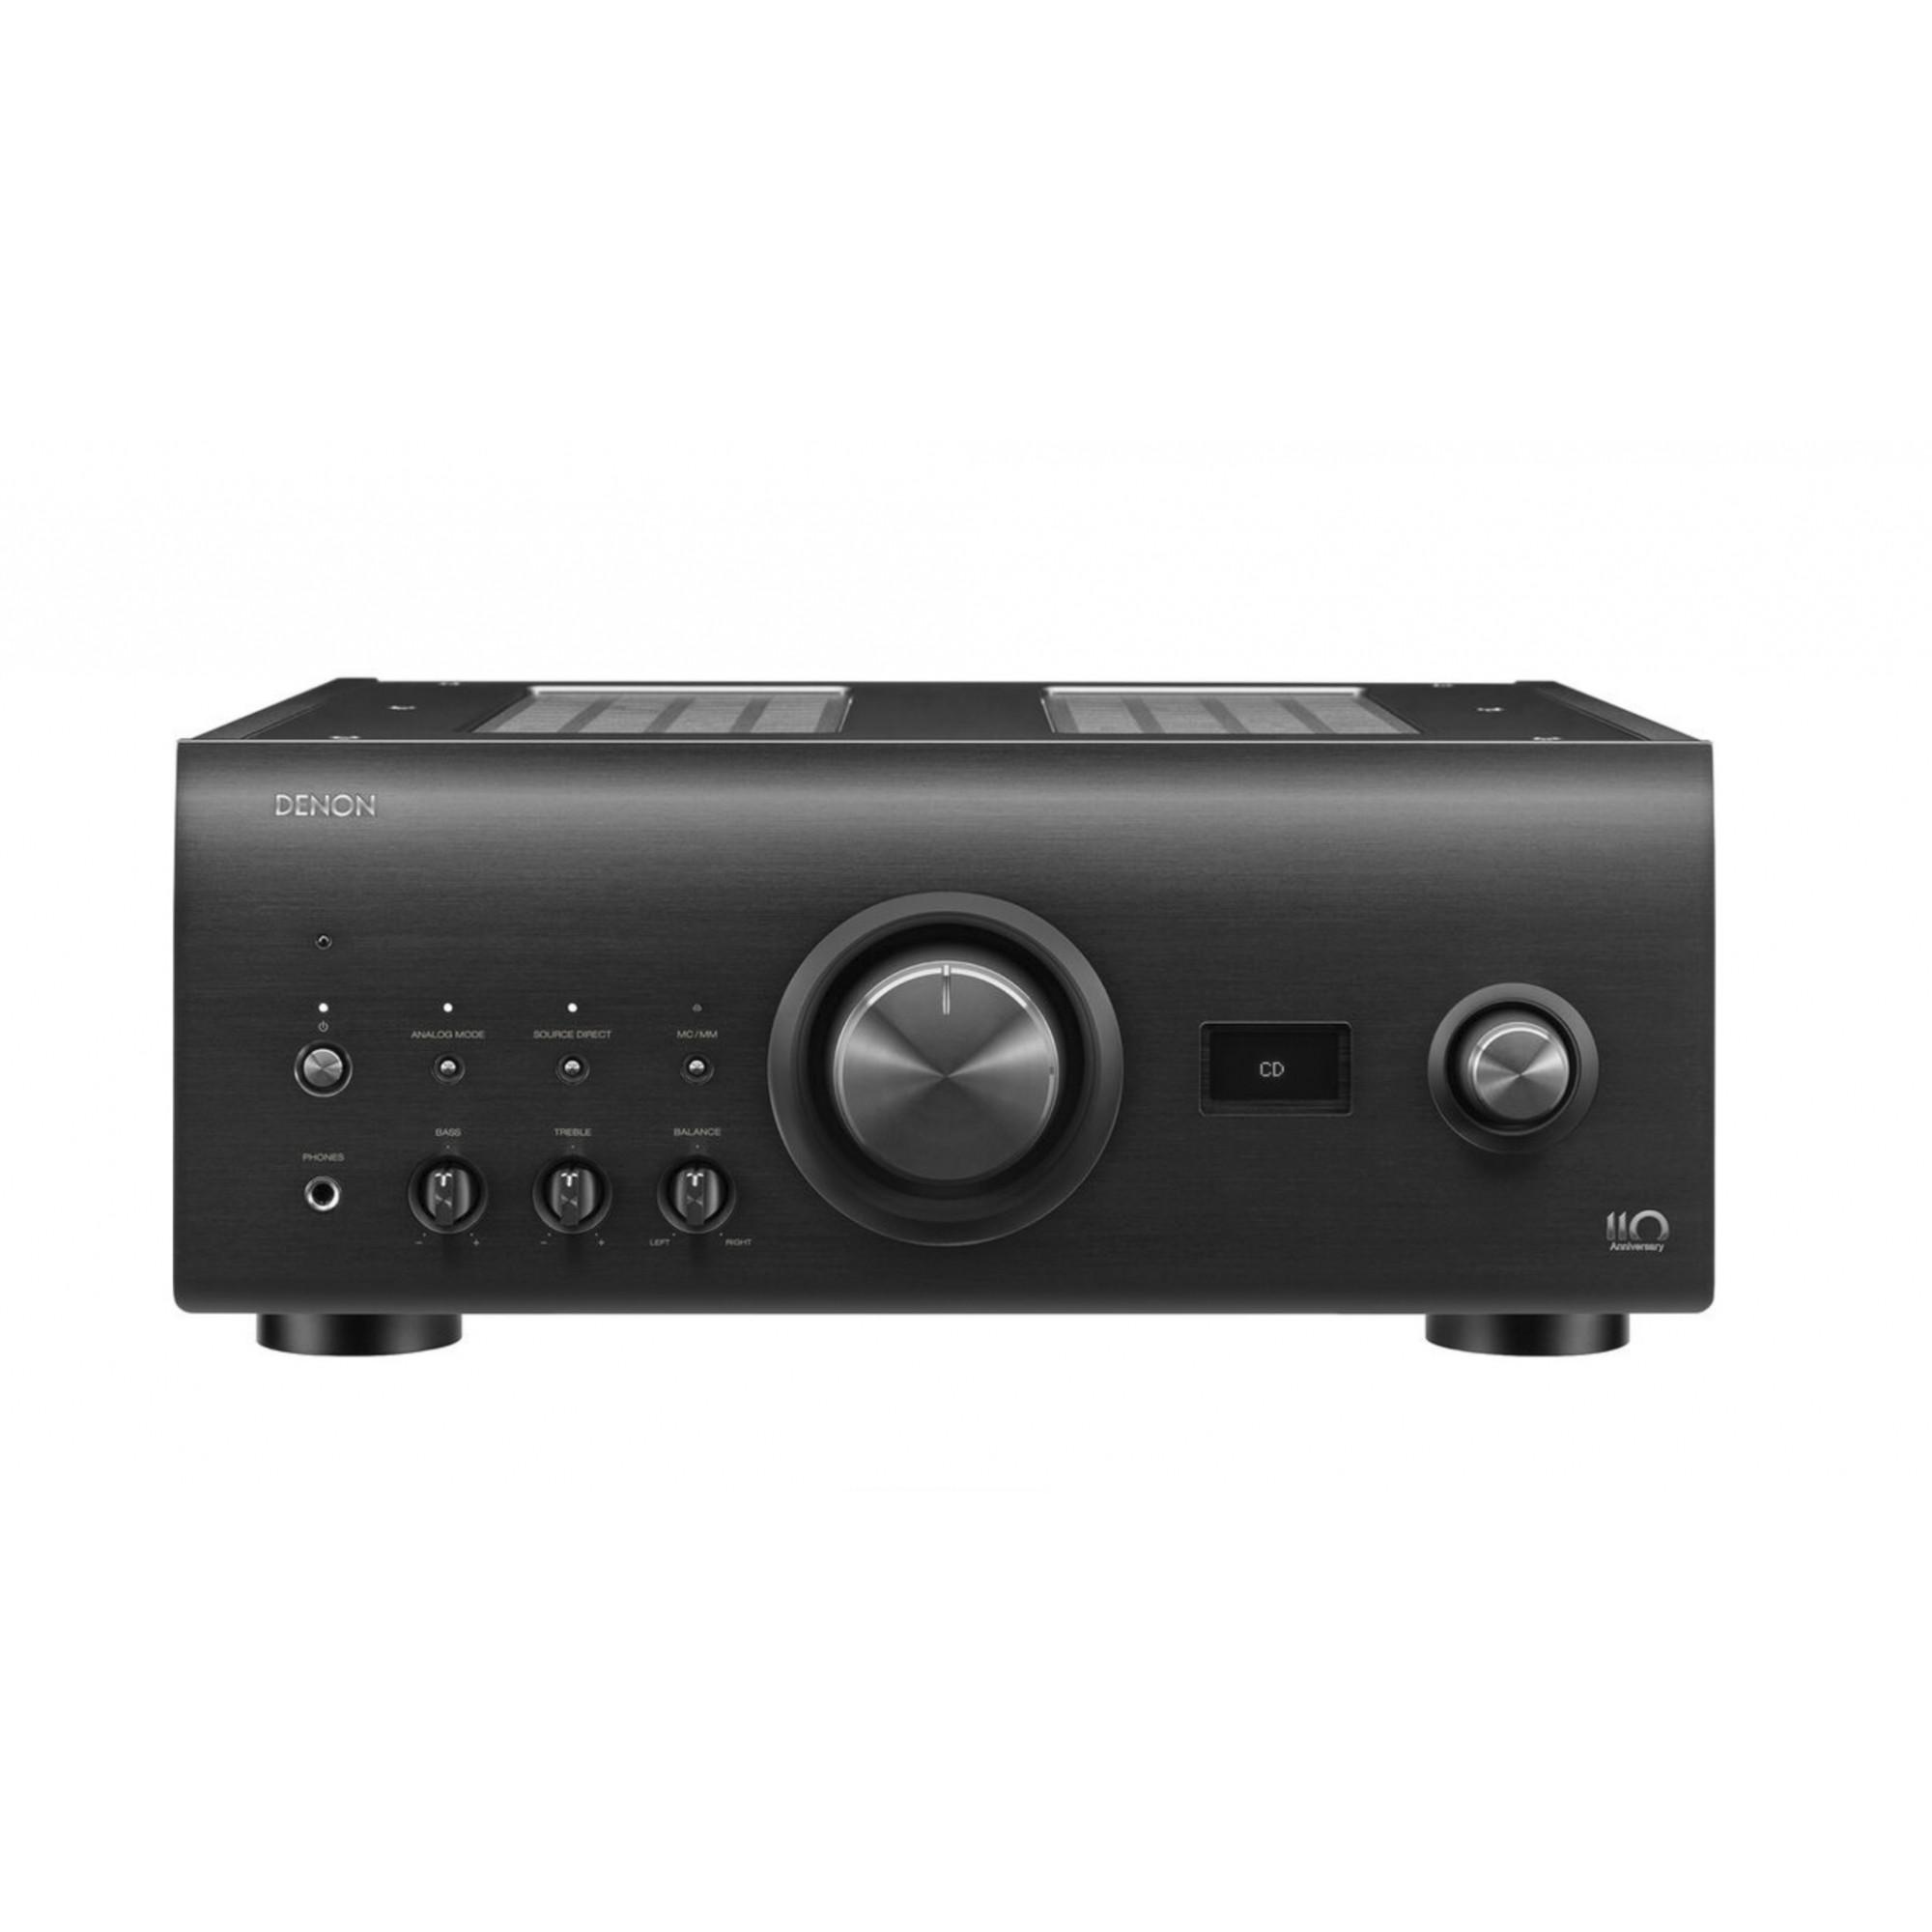 Denon PMA-A110 110-Year Anniversary Edition Stereo 160W Amplificador integrado